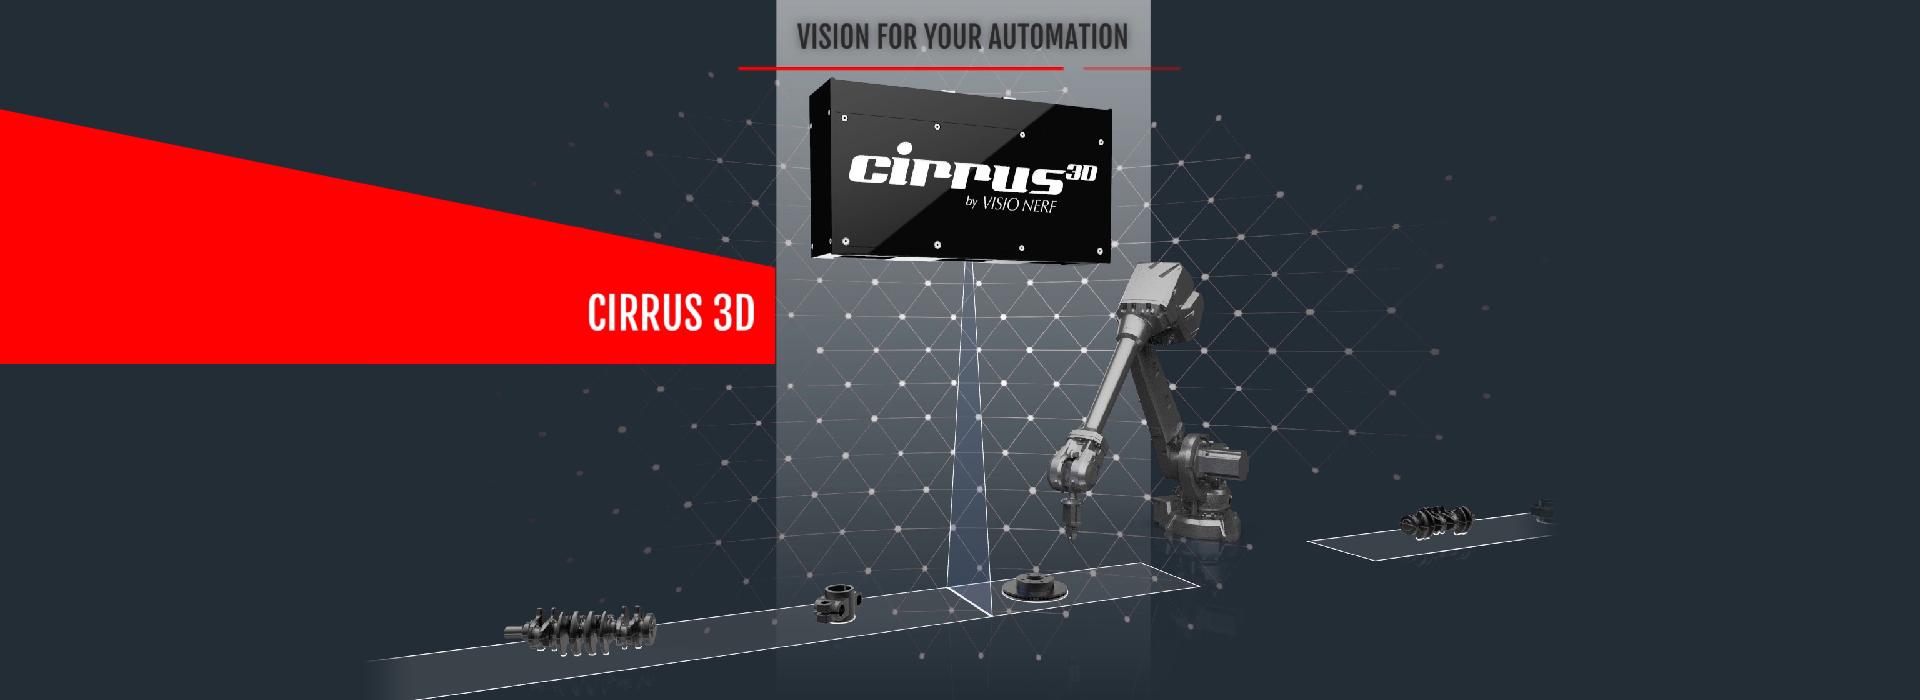 VISIO NERF - 3D Robotic Identification - 2